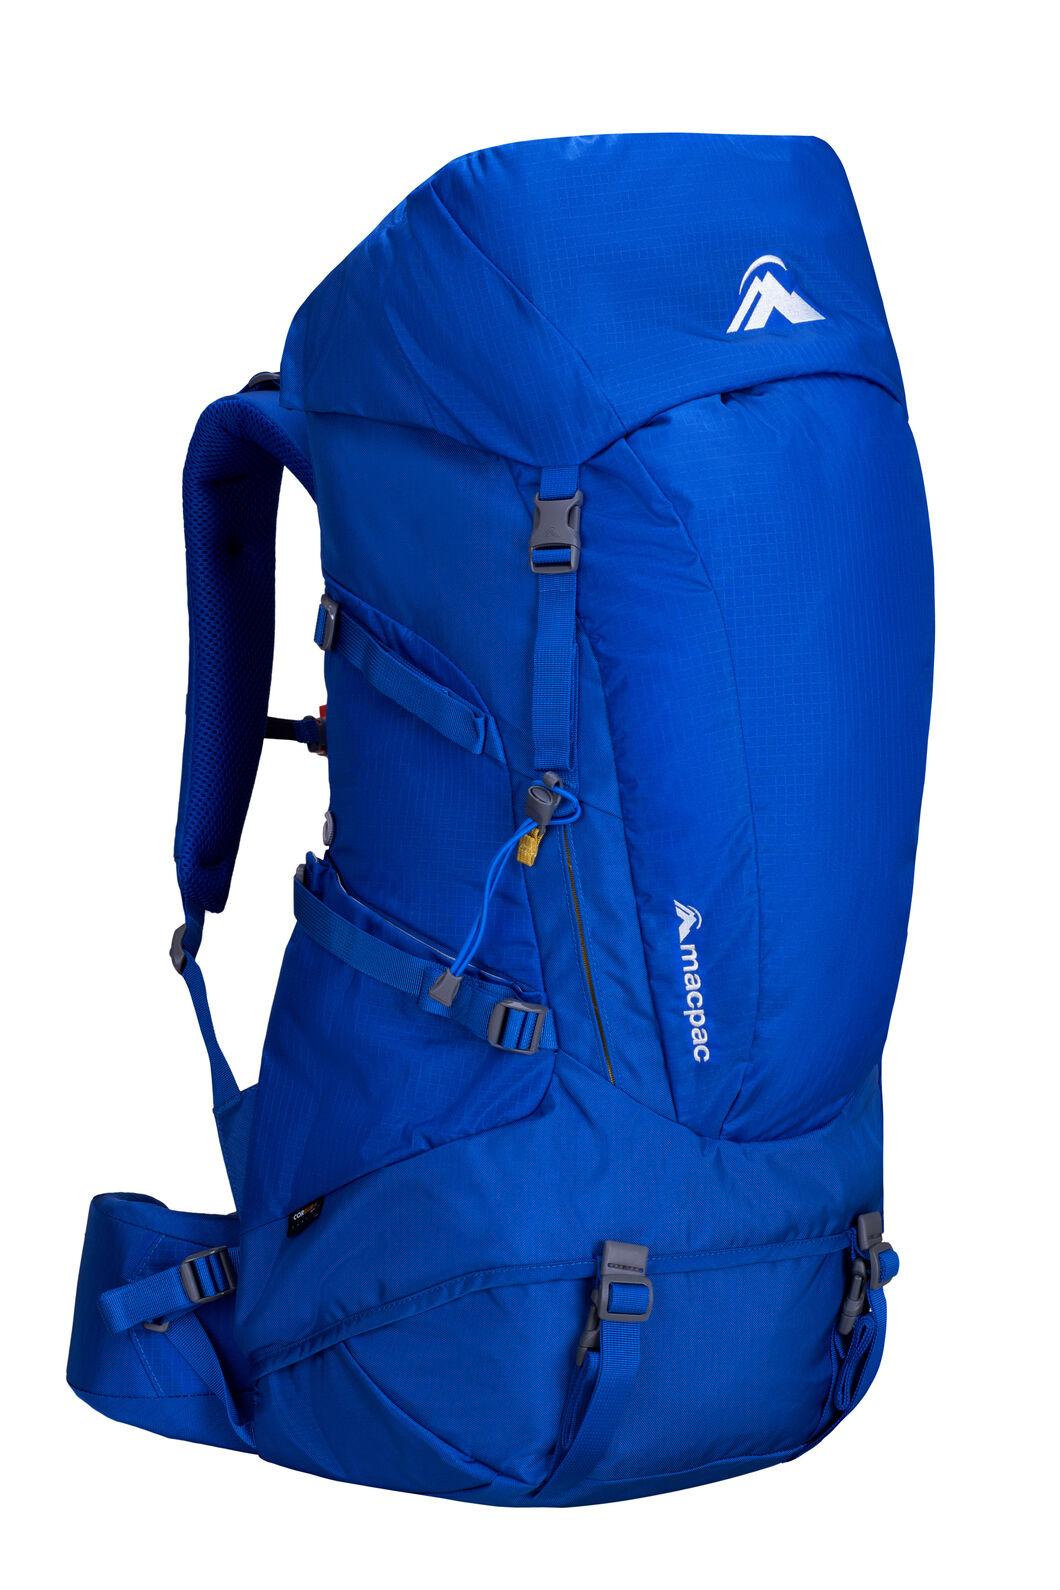 Macpac Torlesse 50L Hiking Backpack, Nautical Blue, hi-res